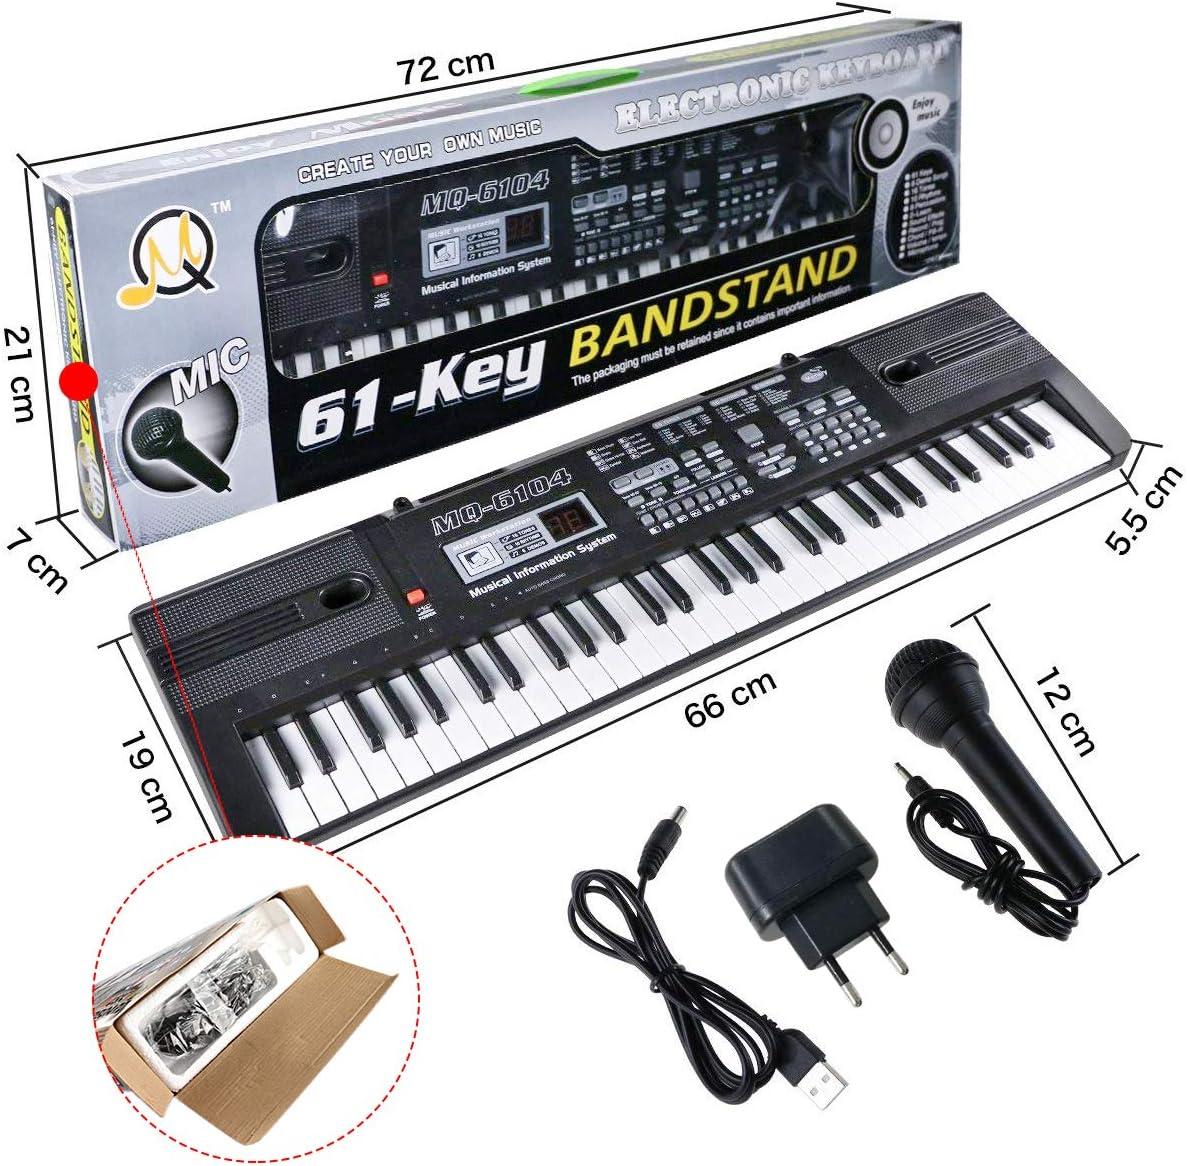 RenFox Teclado Electrónico Piano 61 Teclas, Teclado de Piano Portátil Con Micrófono, Fuente de Alimentación, Músical Digital, Educativa Regalo